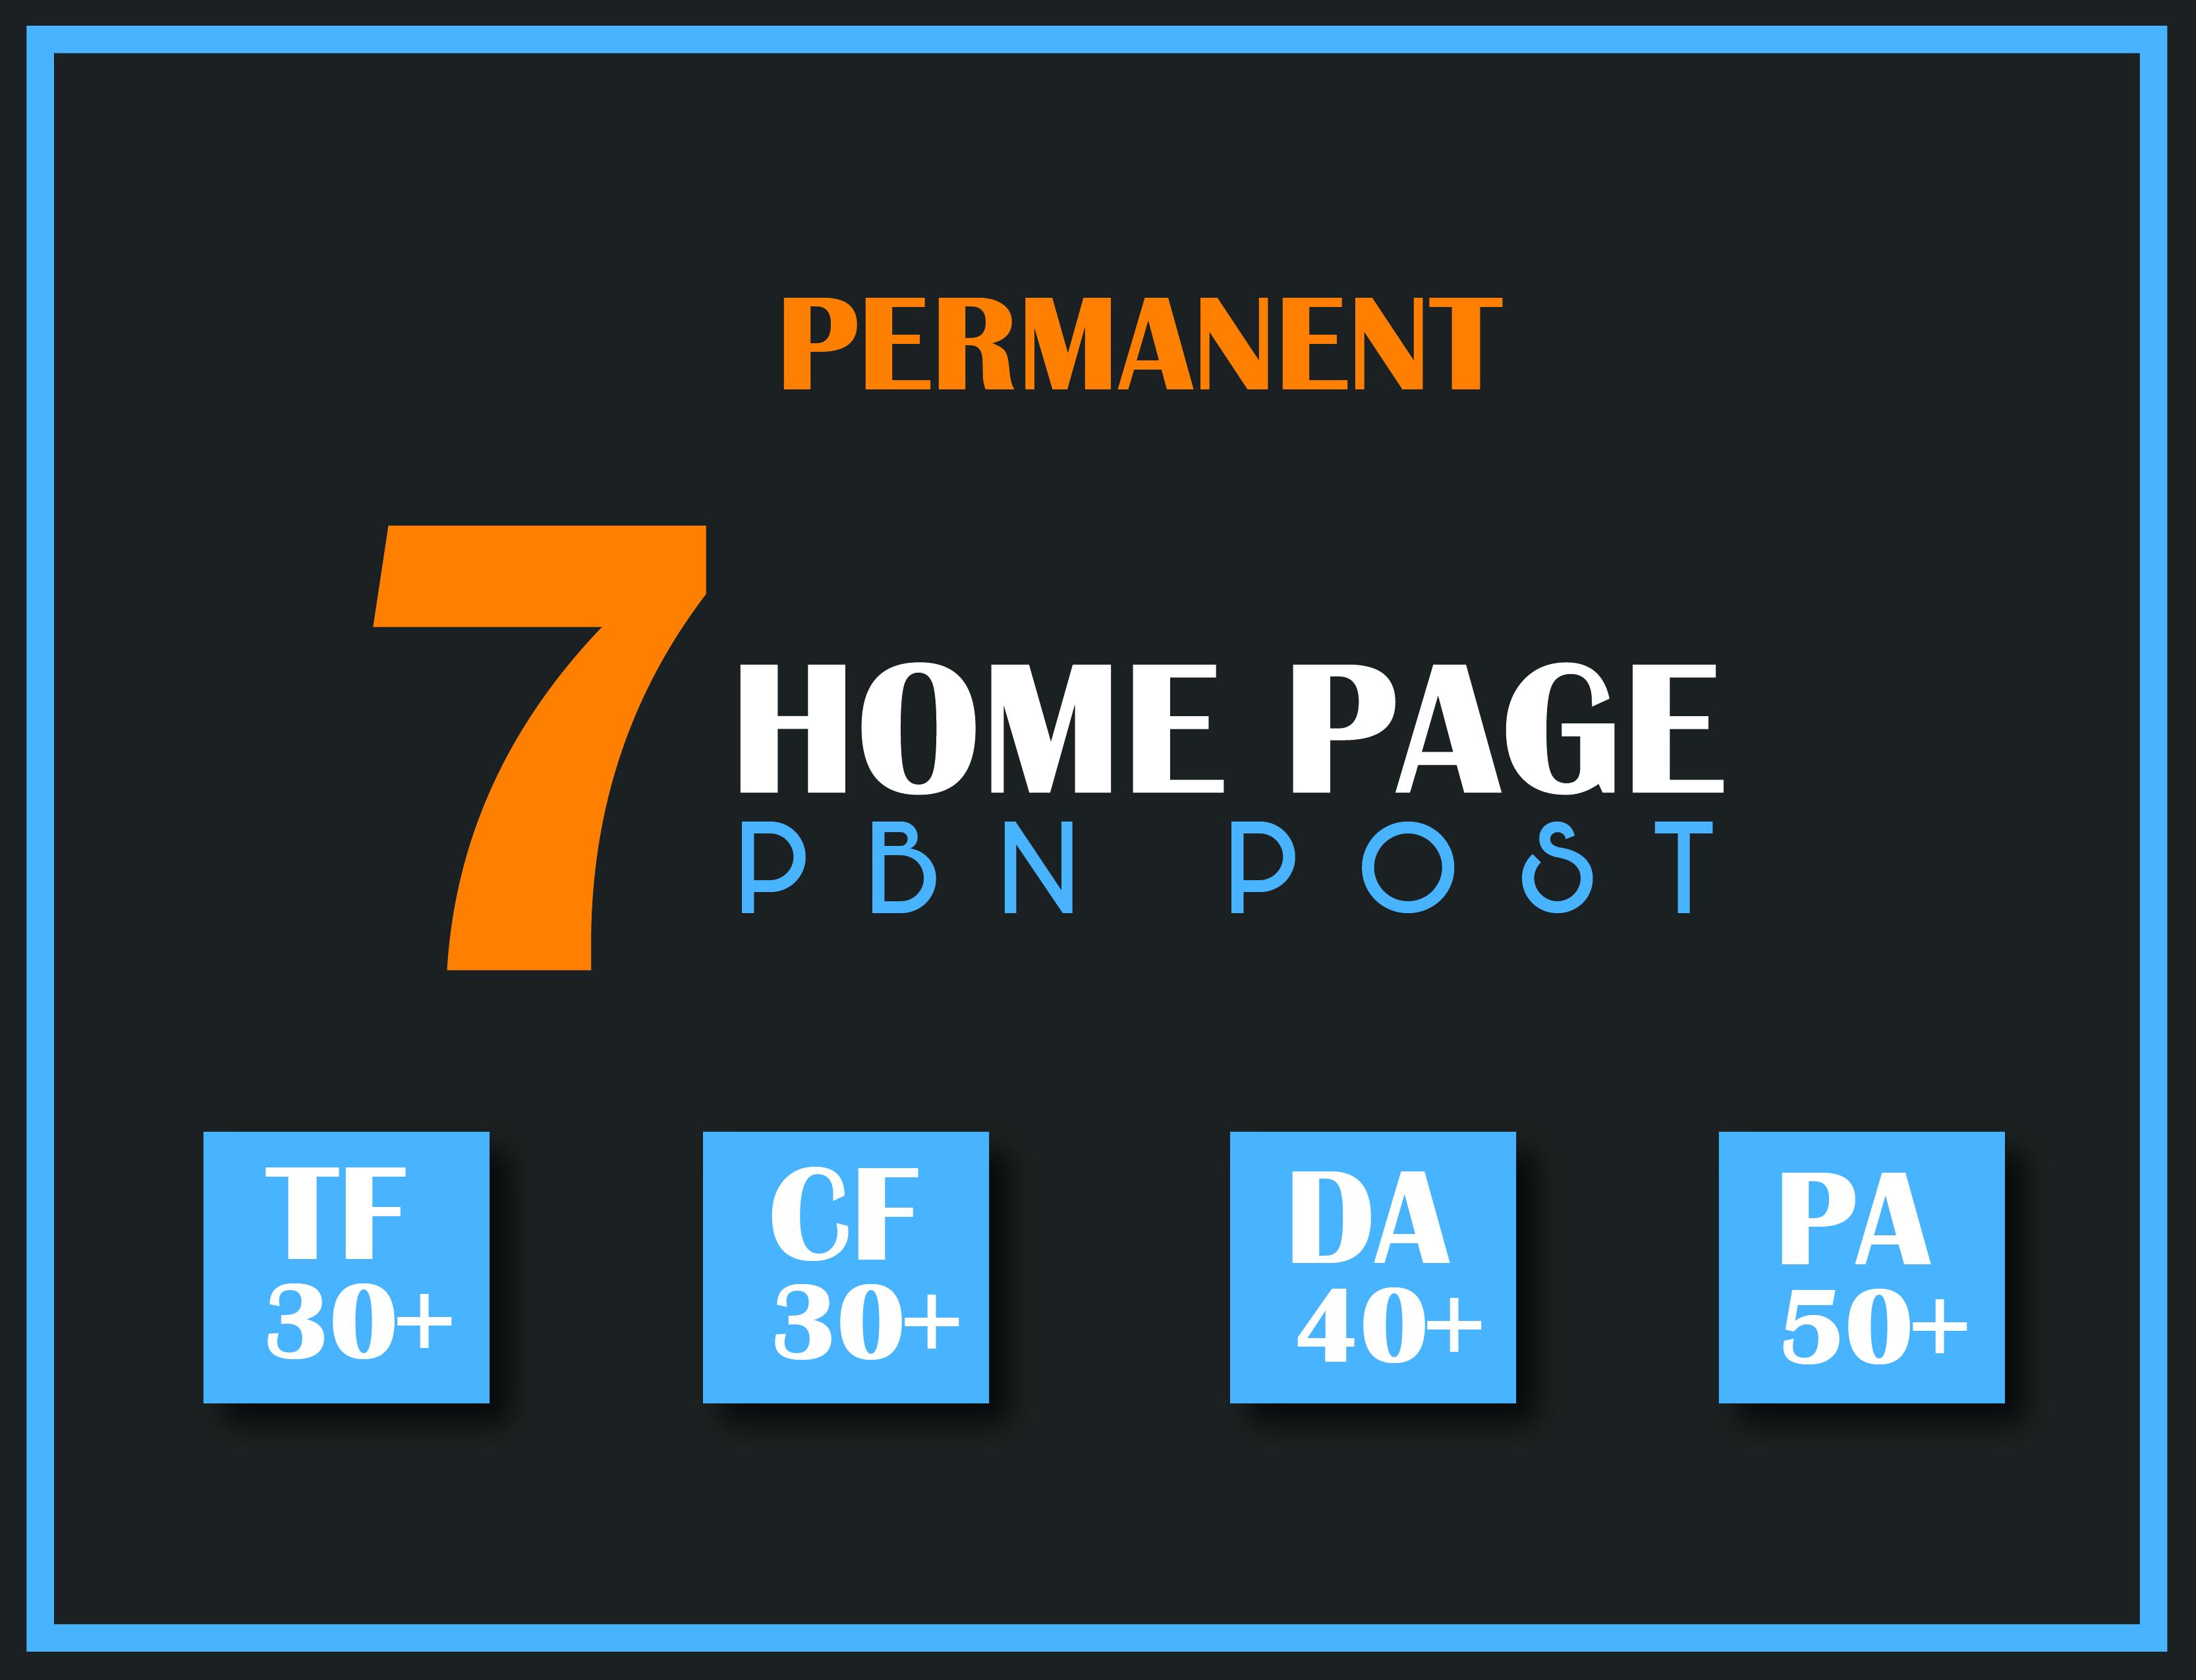 Create 7 Manual HIGH TF CF 30+ DA 40+ PA 45+ Dofollow PBN Backlinks